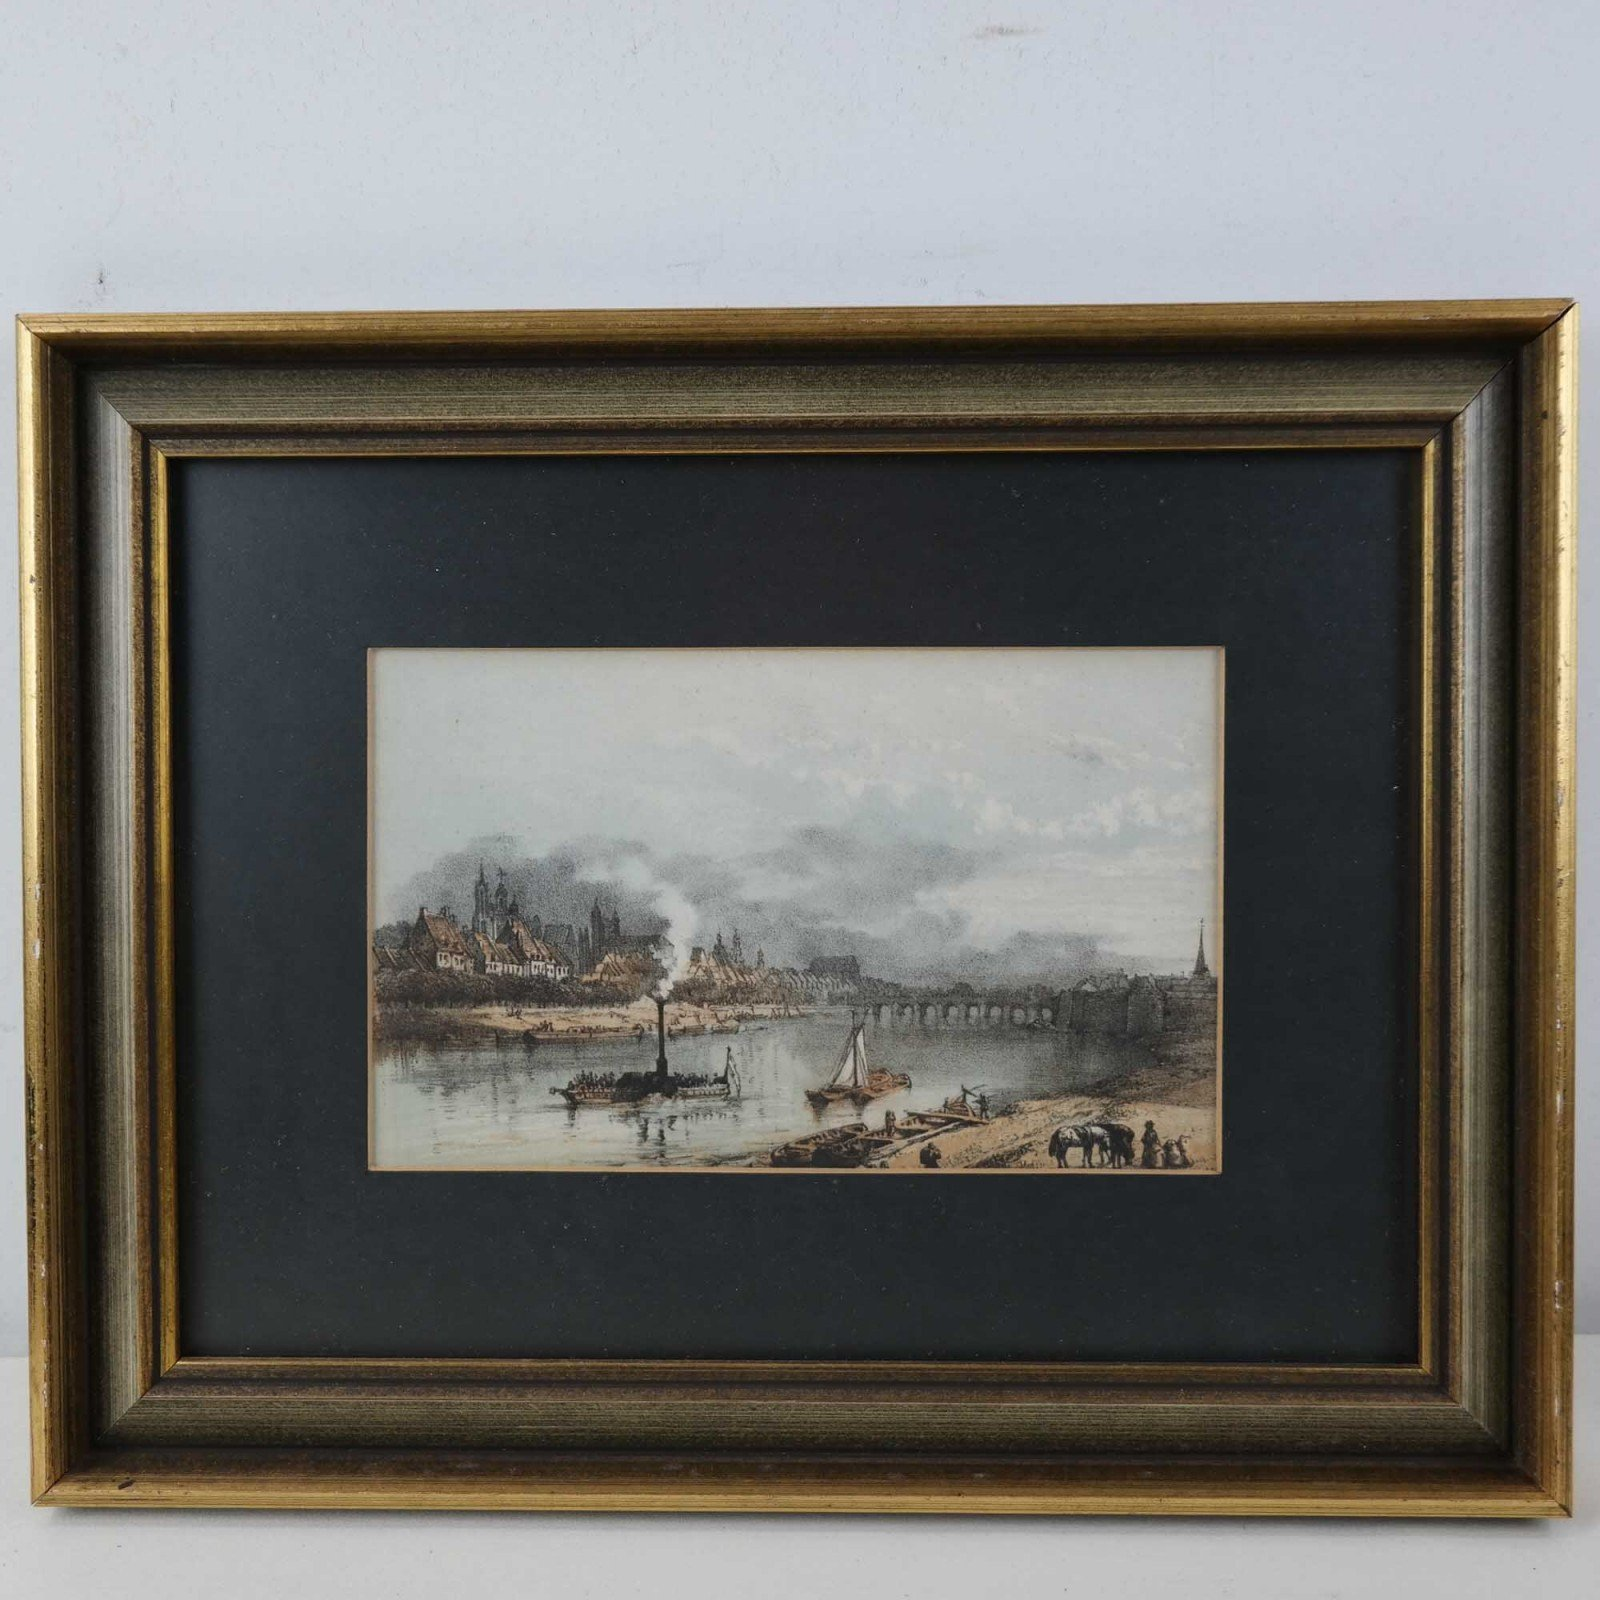 Jean Chrétien Antoine Alexandre Schaepkens (1815-1899) Lithografieen